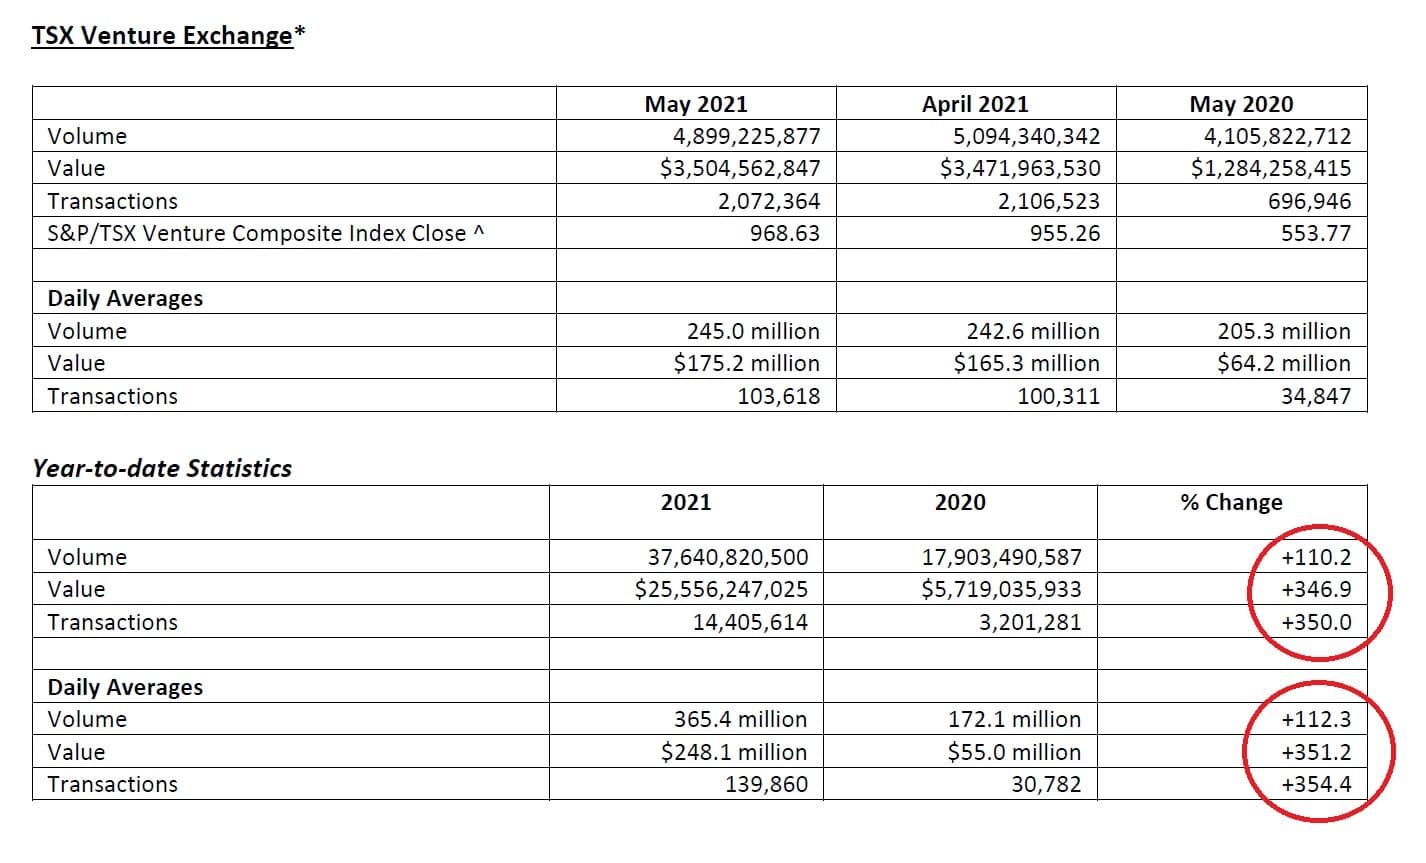 TSX Venture trading statistics